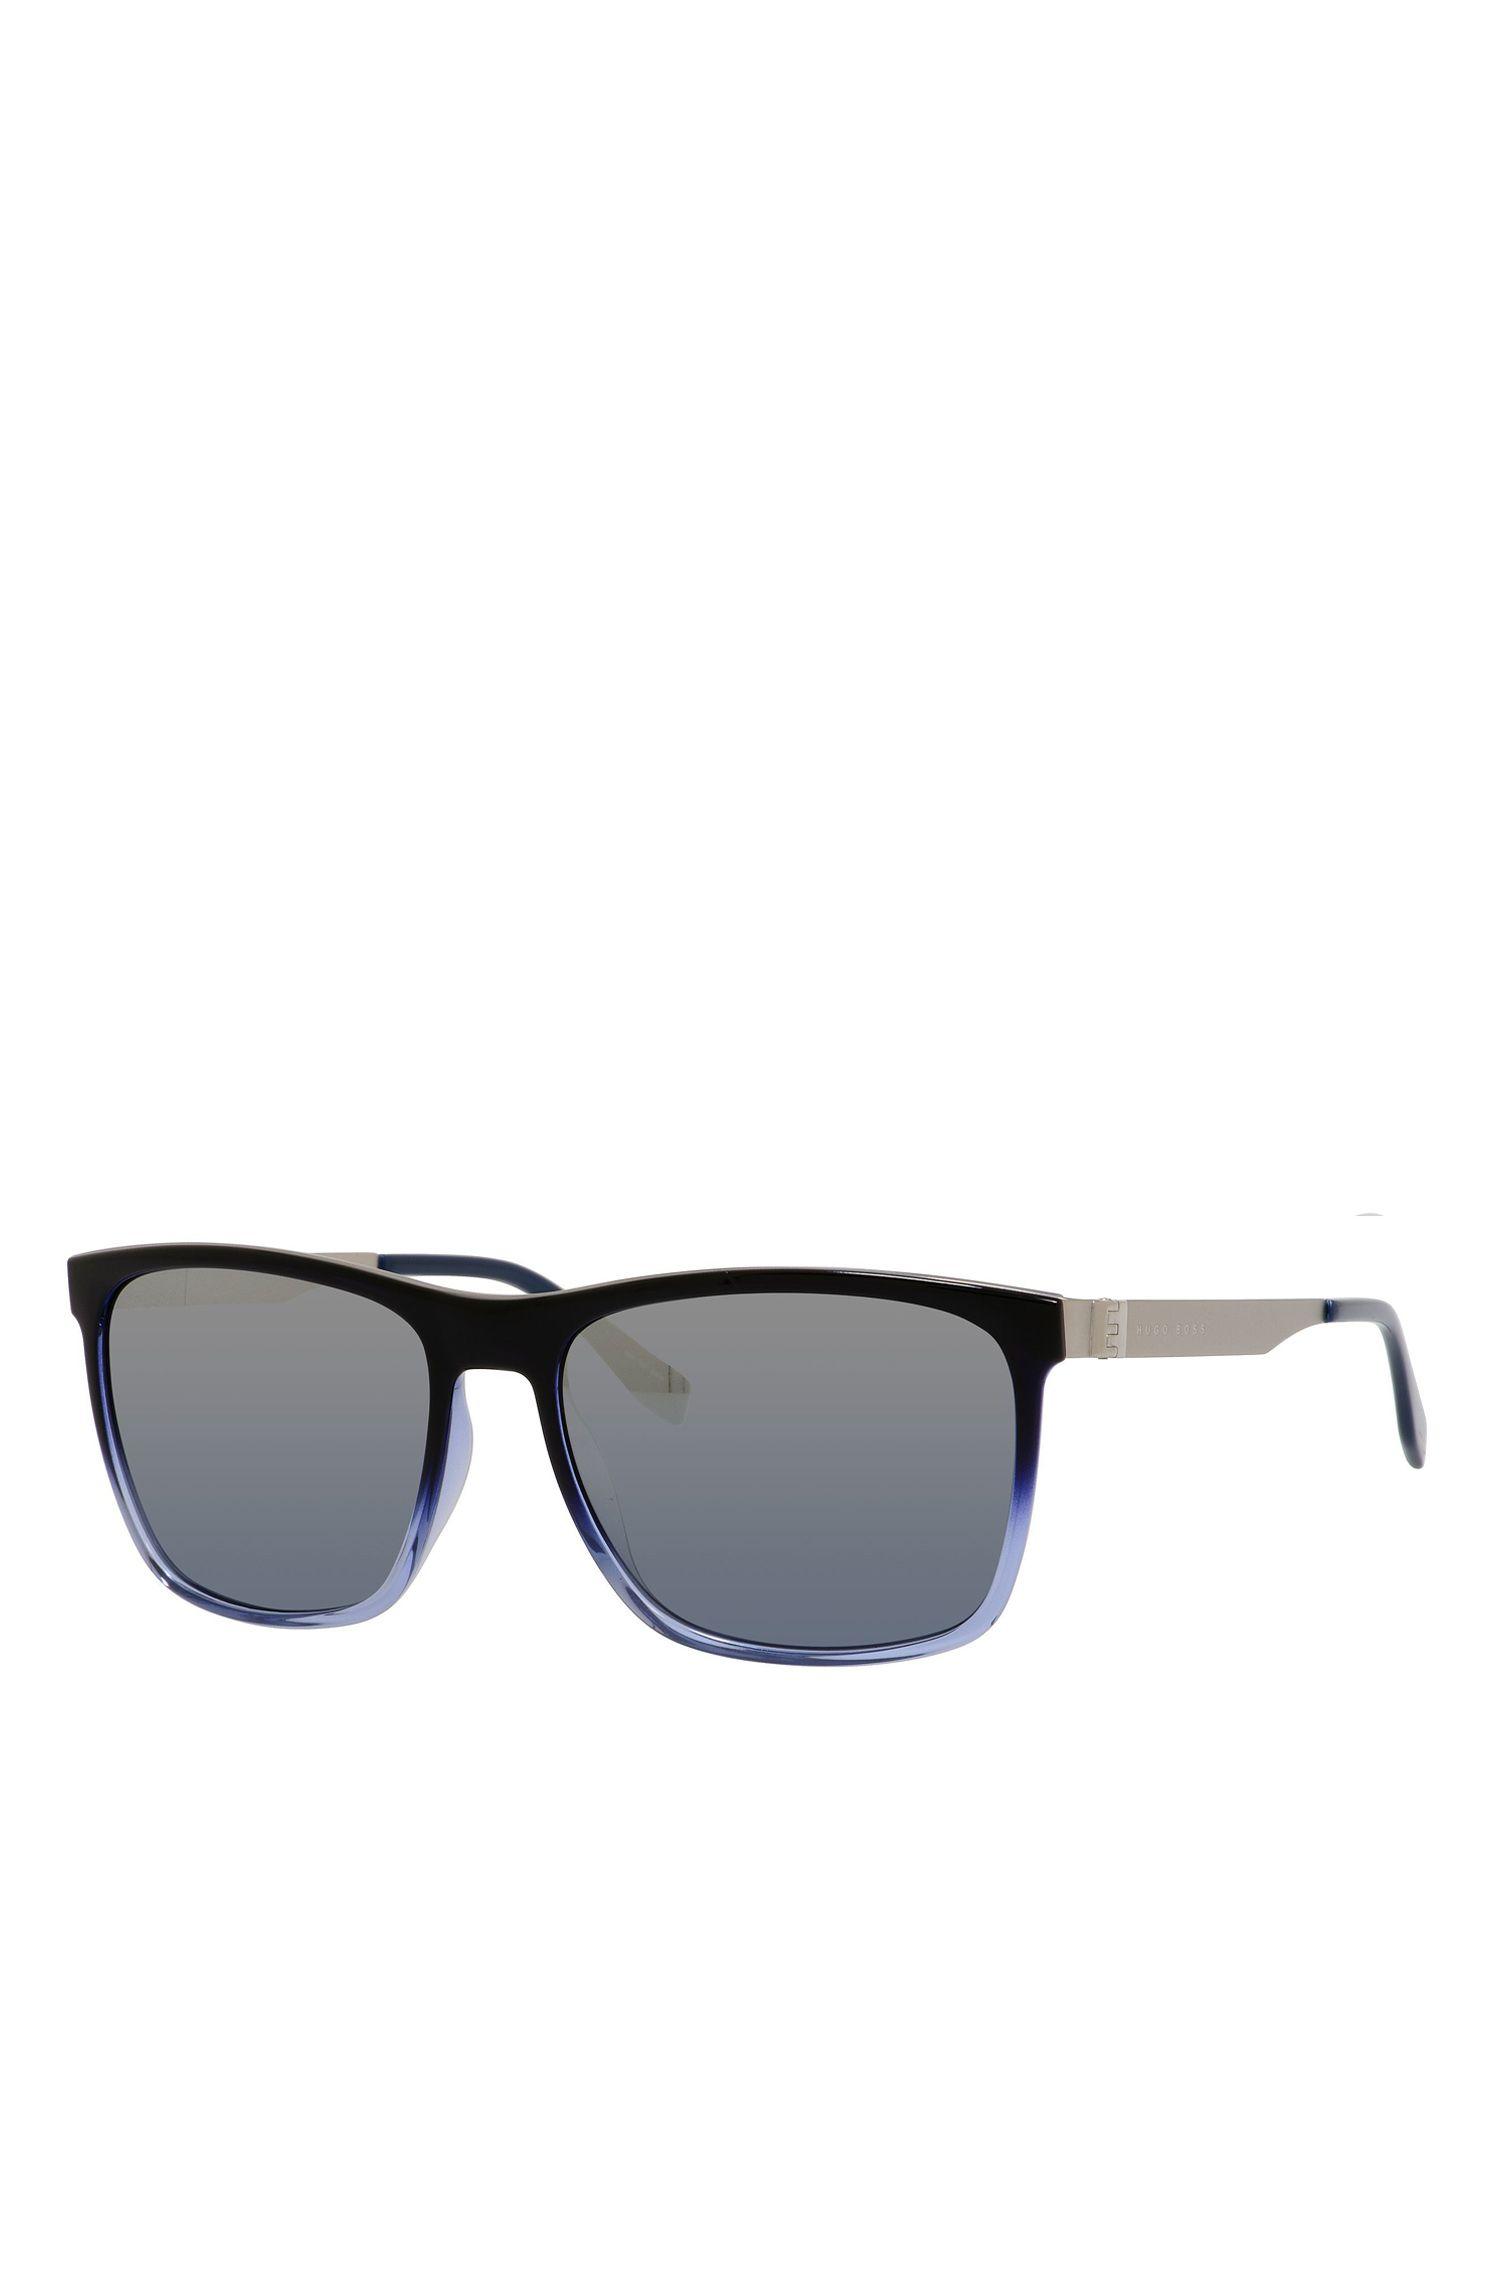 'BOSS 0671S' | Blue Gradient Lens Rectangular Sunglasses